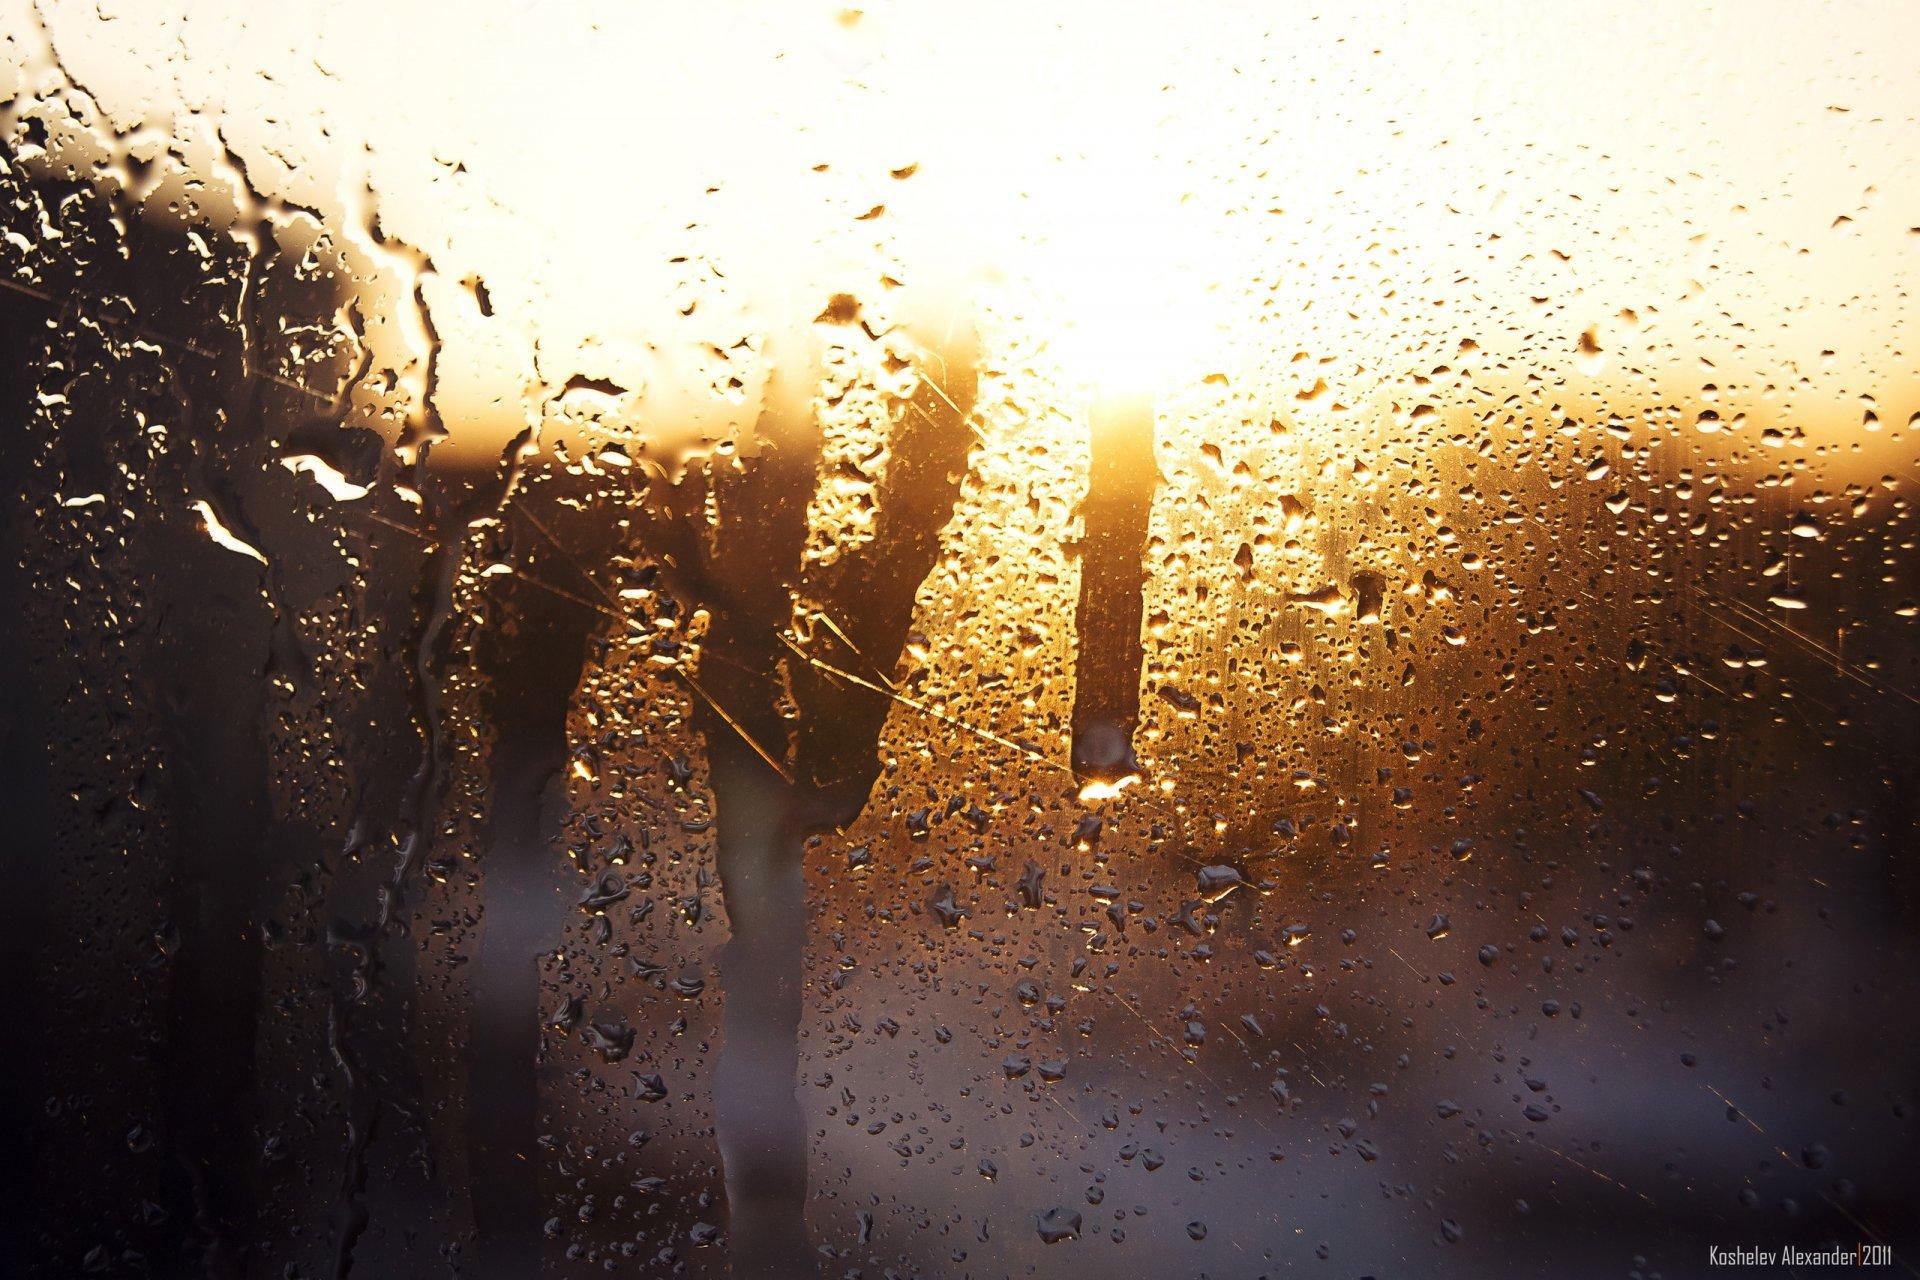 Картинка дождь на стекле